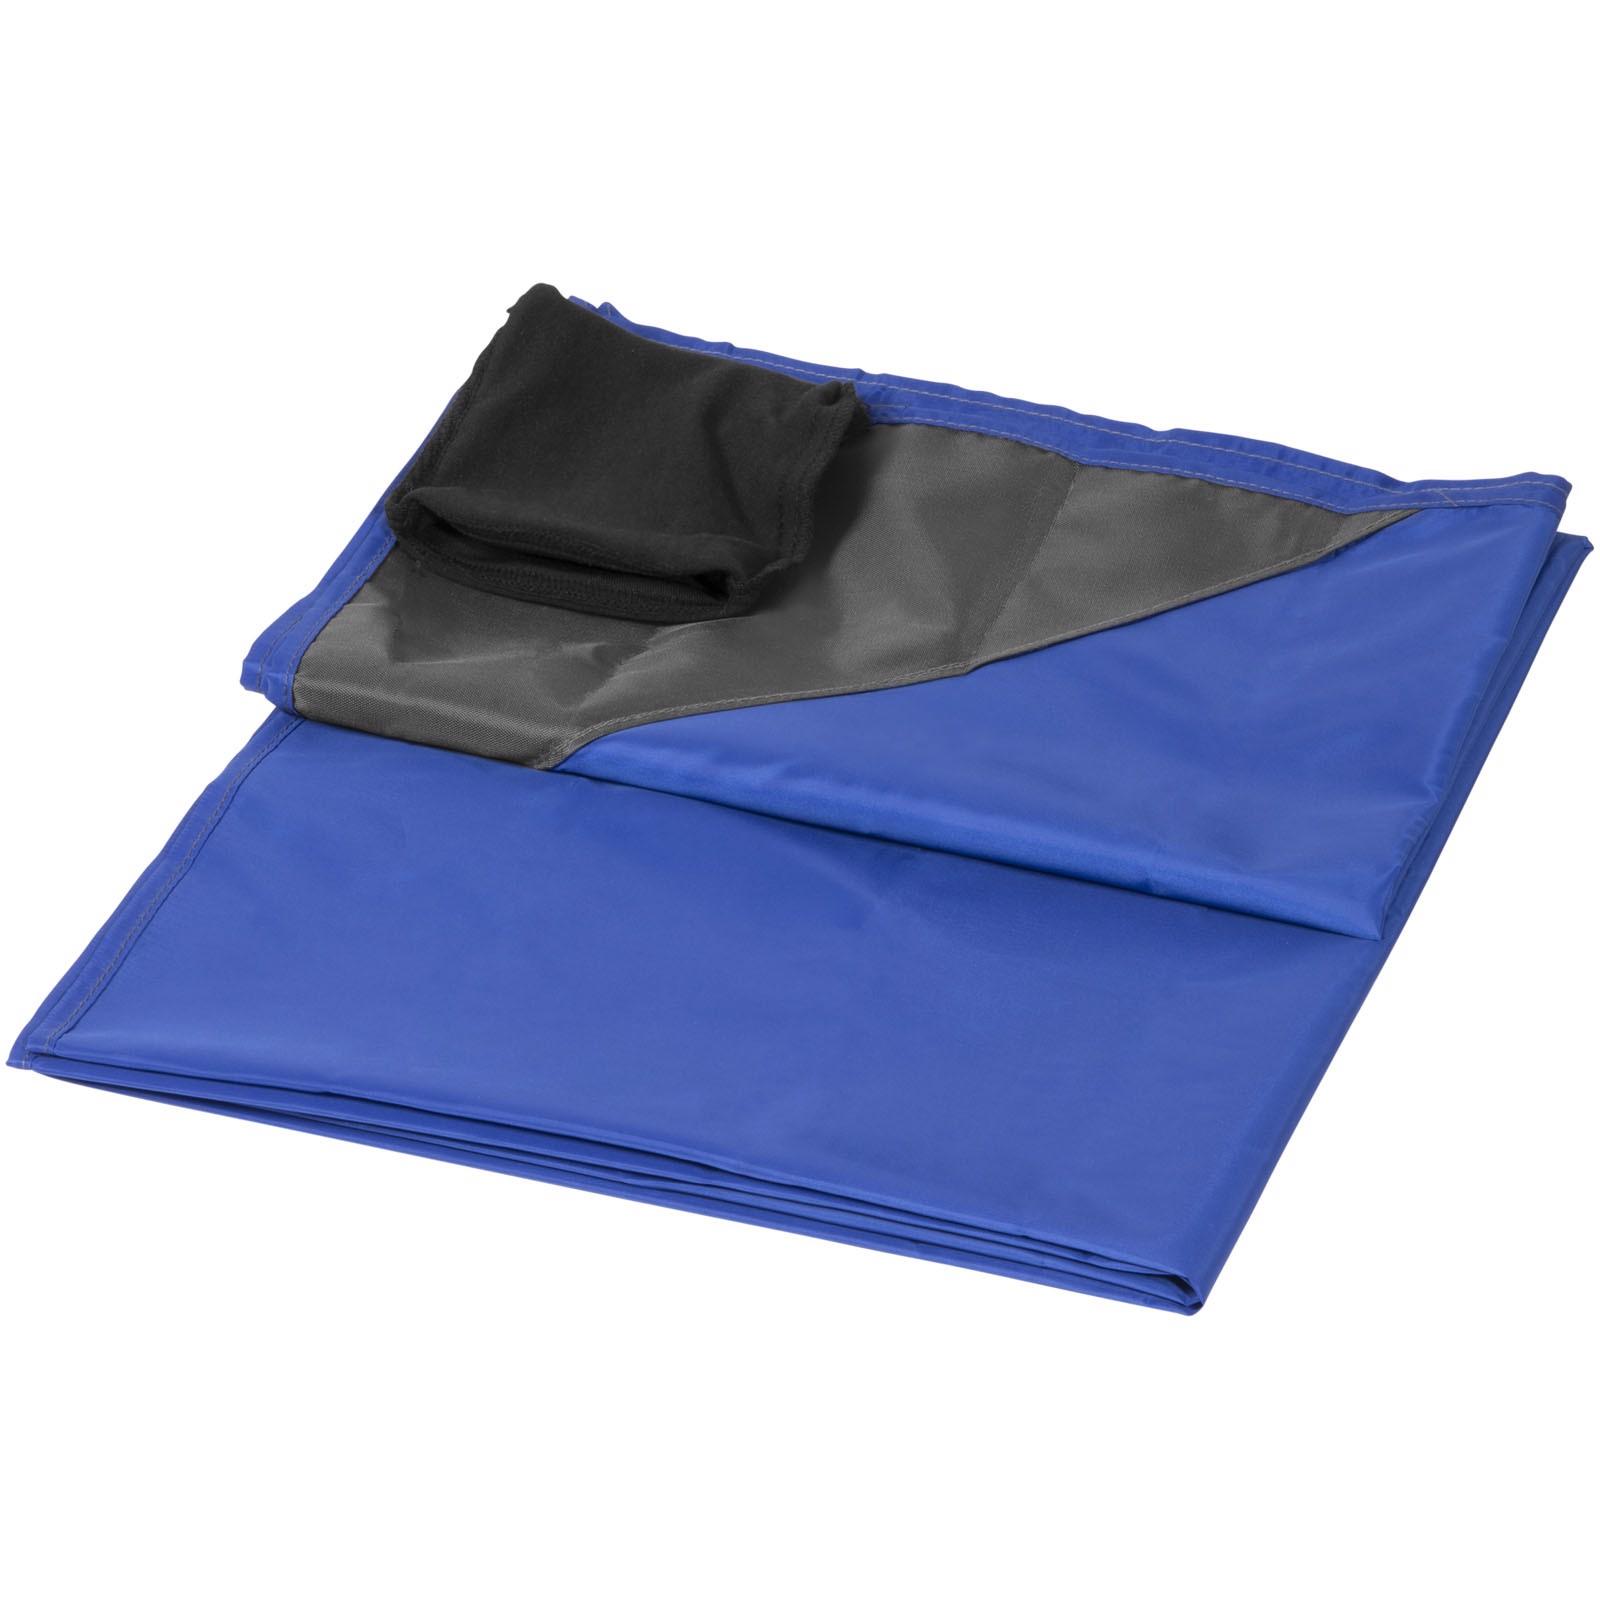 Voděodolná venkovní deka na piknik Stow-and-go - Světle modrá